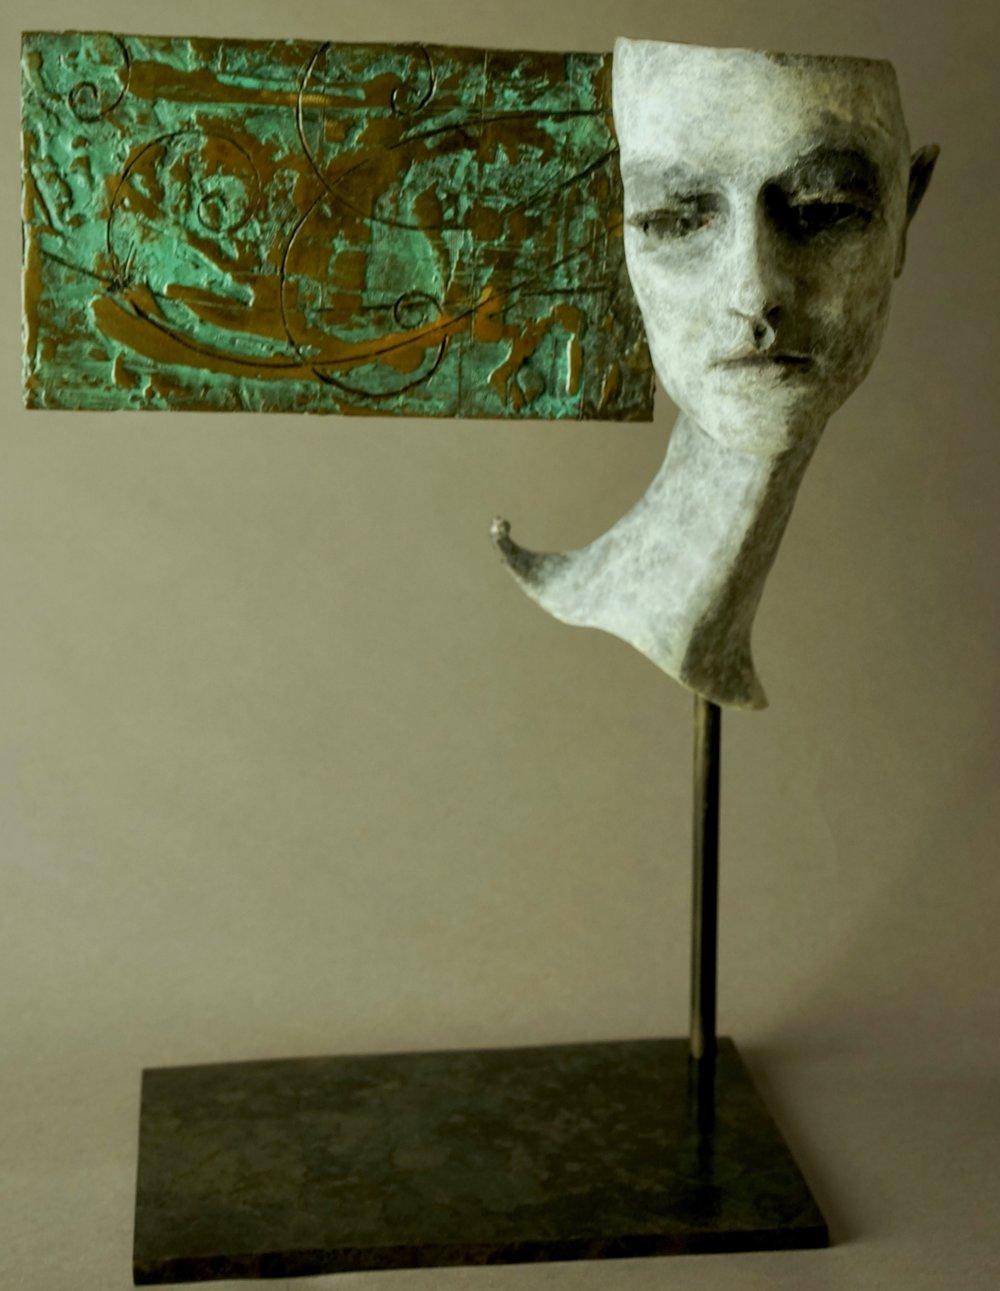 wakeham,sculpture,face,quatum.jpg